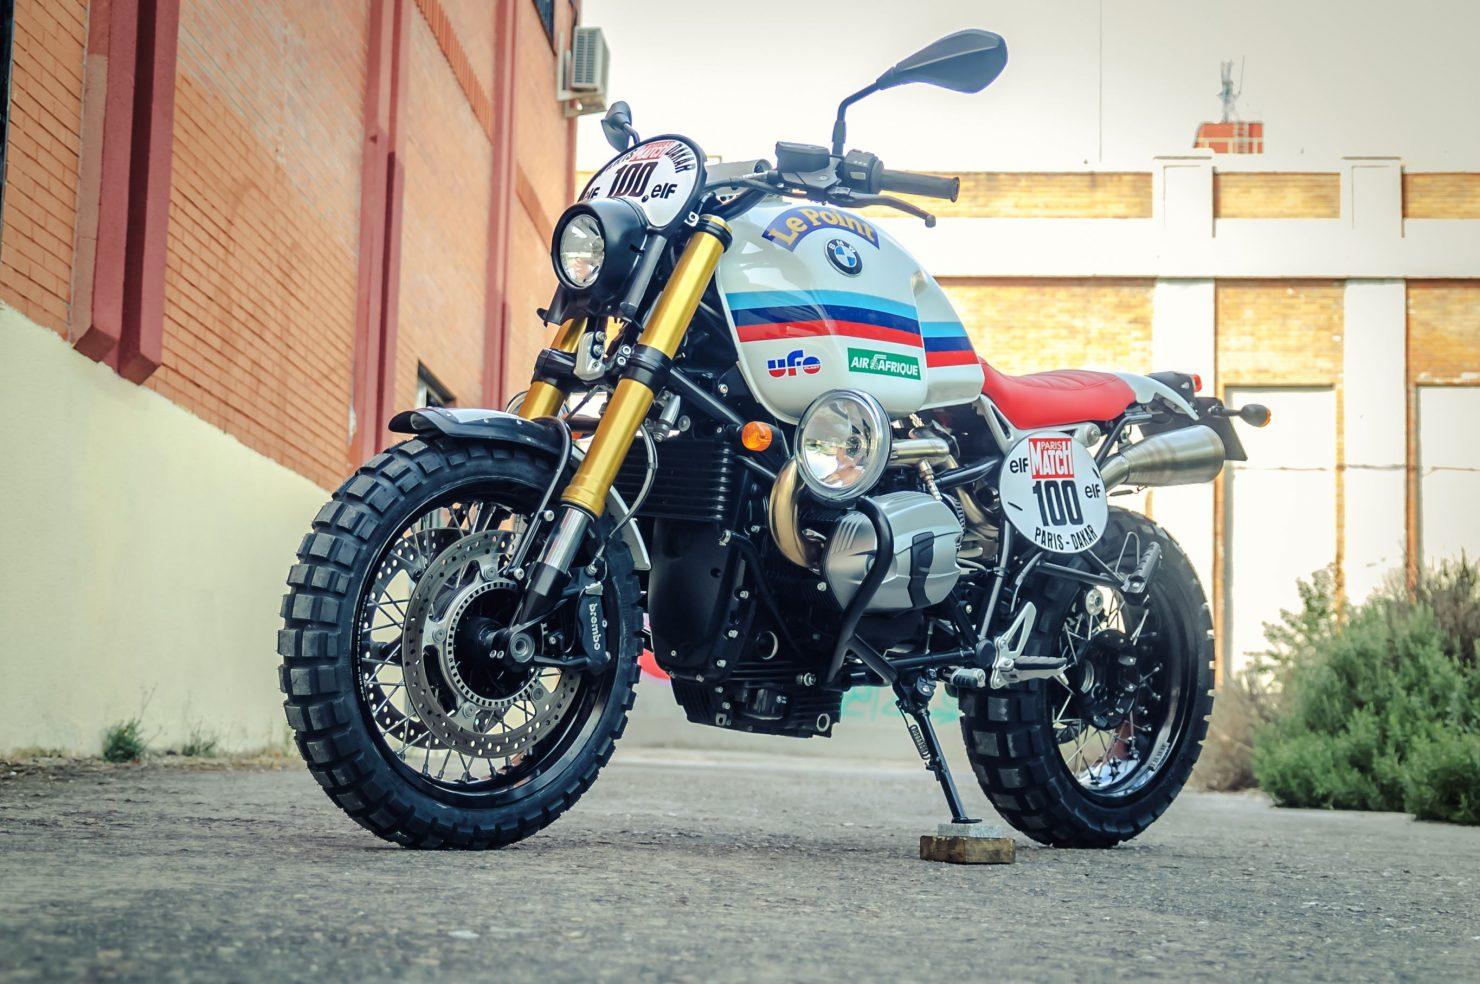 BMW R Nine T Custom Motorbike 8 1480x984 - XTR Pepo BMW R nineT Paris Dakar